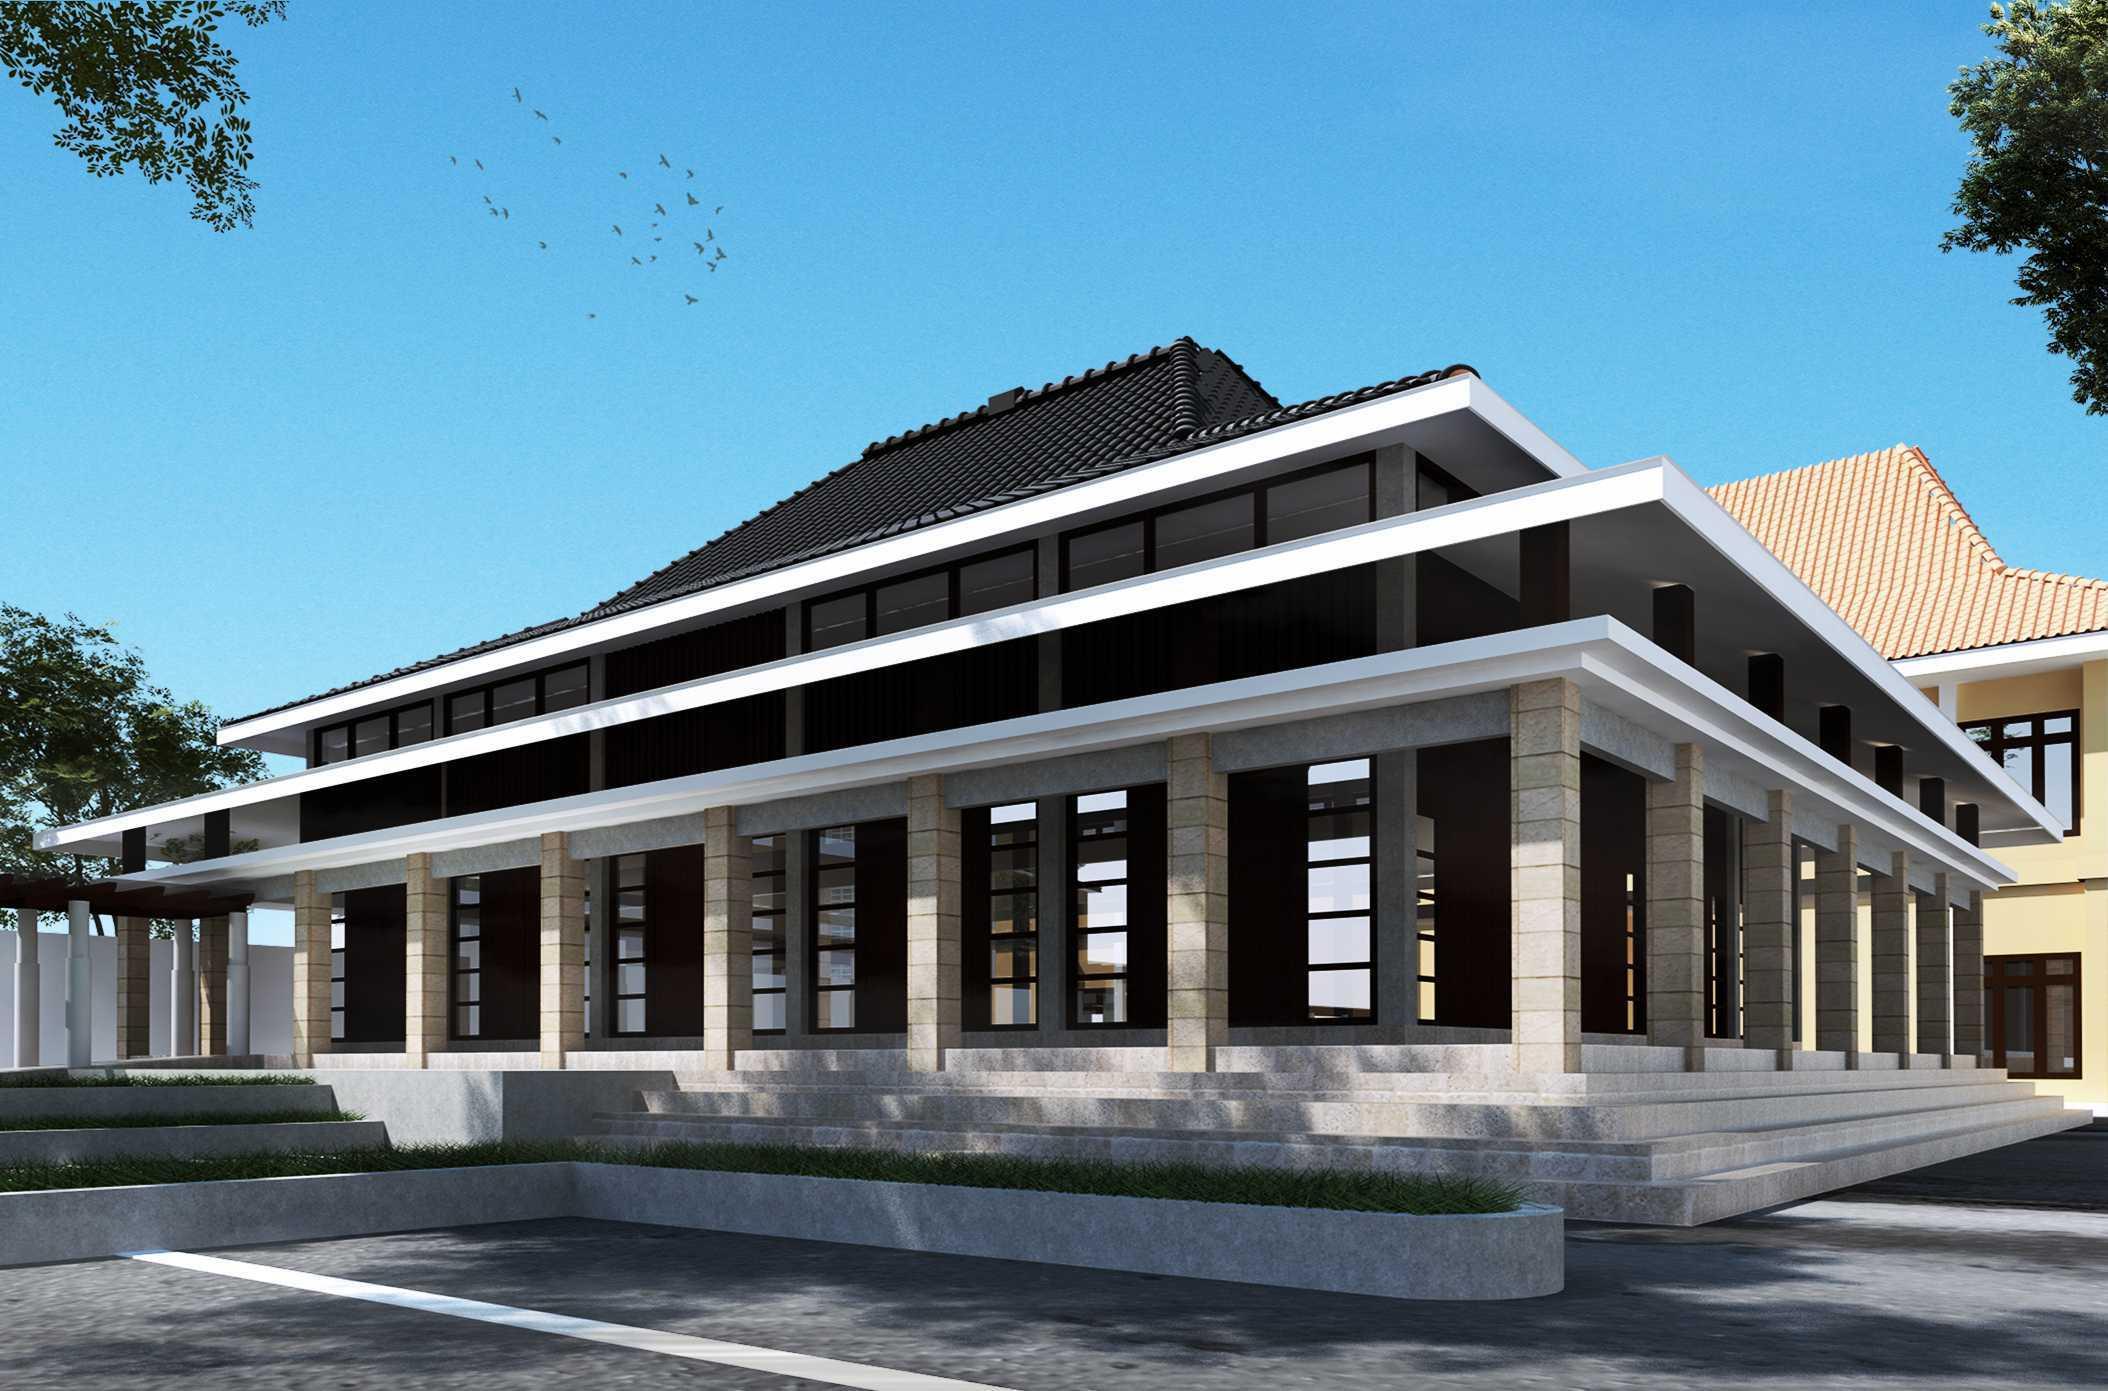 Arsatama Architect Pcnu Office  - Cilacap Cilacap, Central Java Cilacap, Central Java Aula-Pcnucilacap Tropis  27043